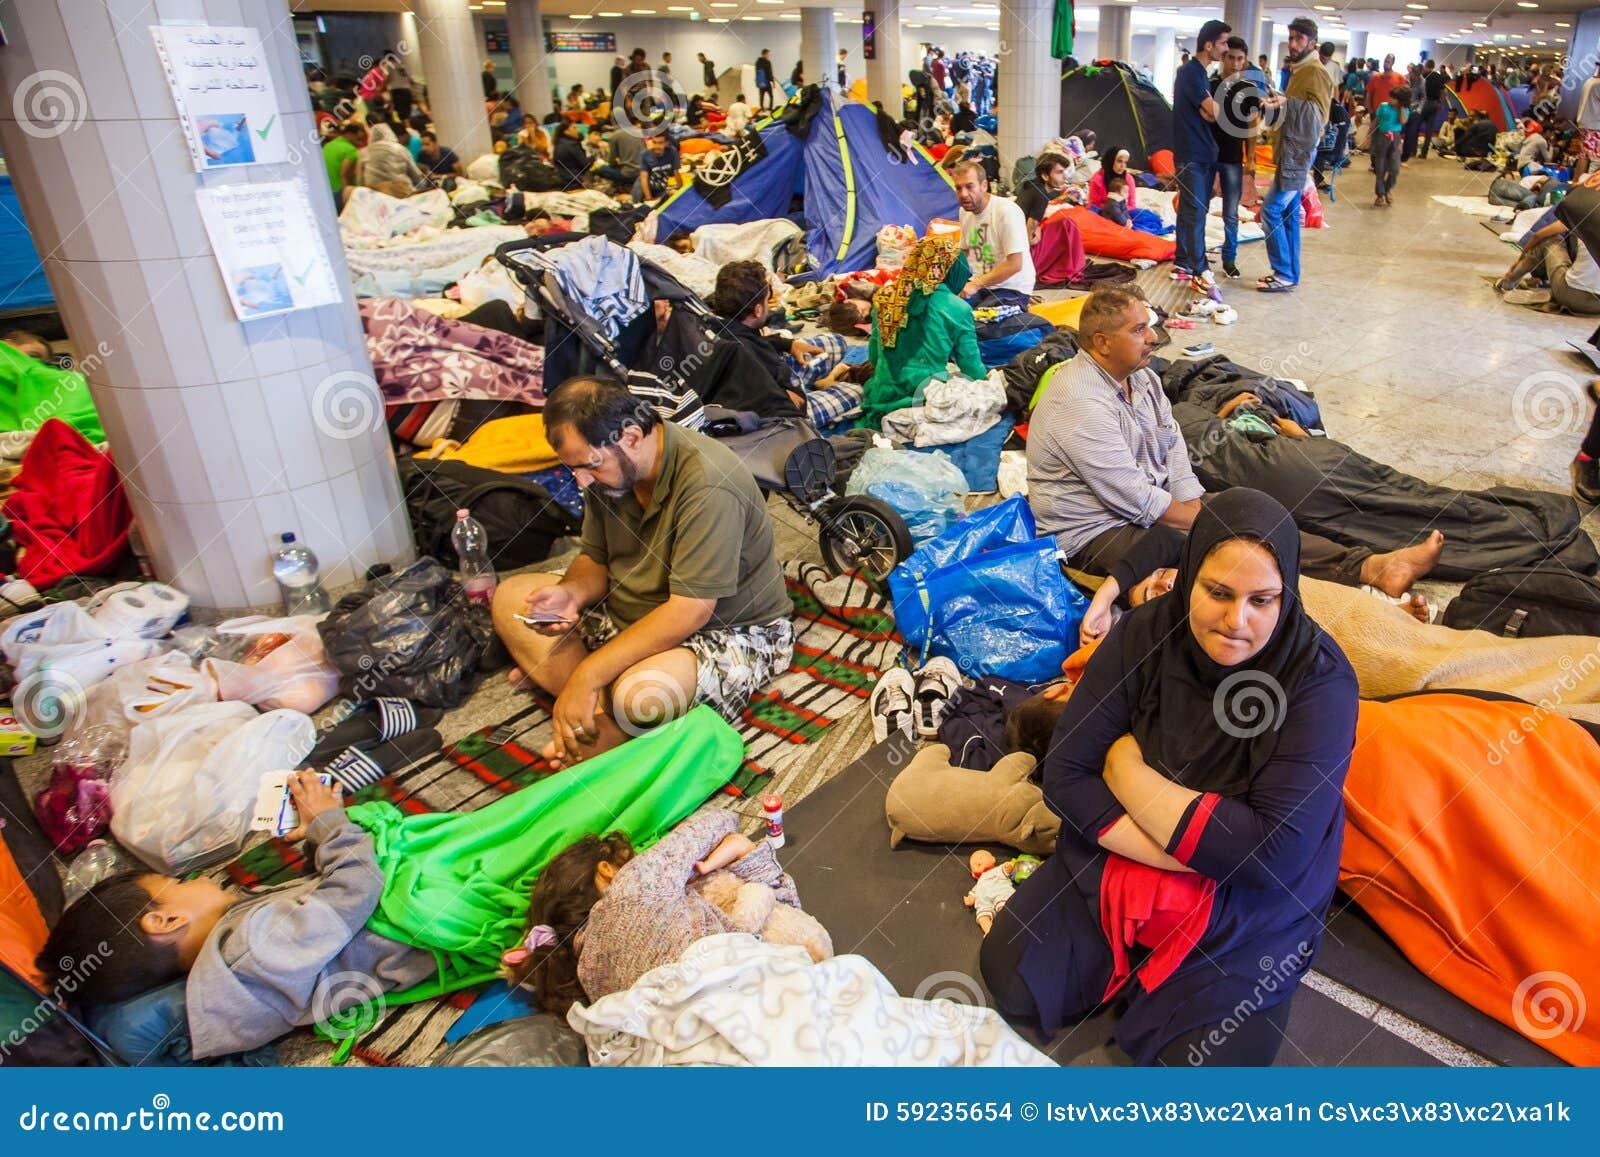 Download Refugiados De La Guerra En El Ferrocarril De Keleti Imagen de archivo editorial - Imagen de humano, islámico: 59235654